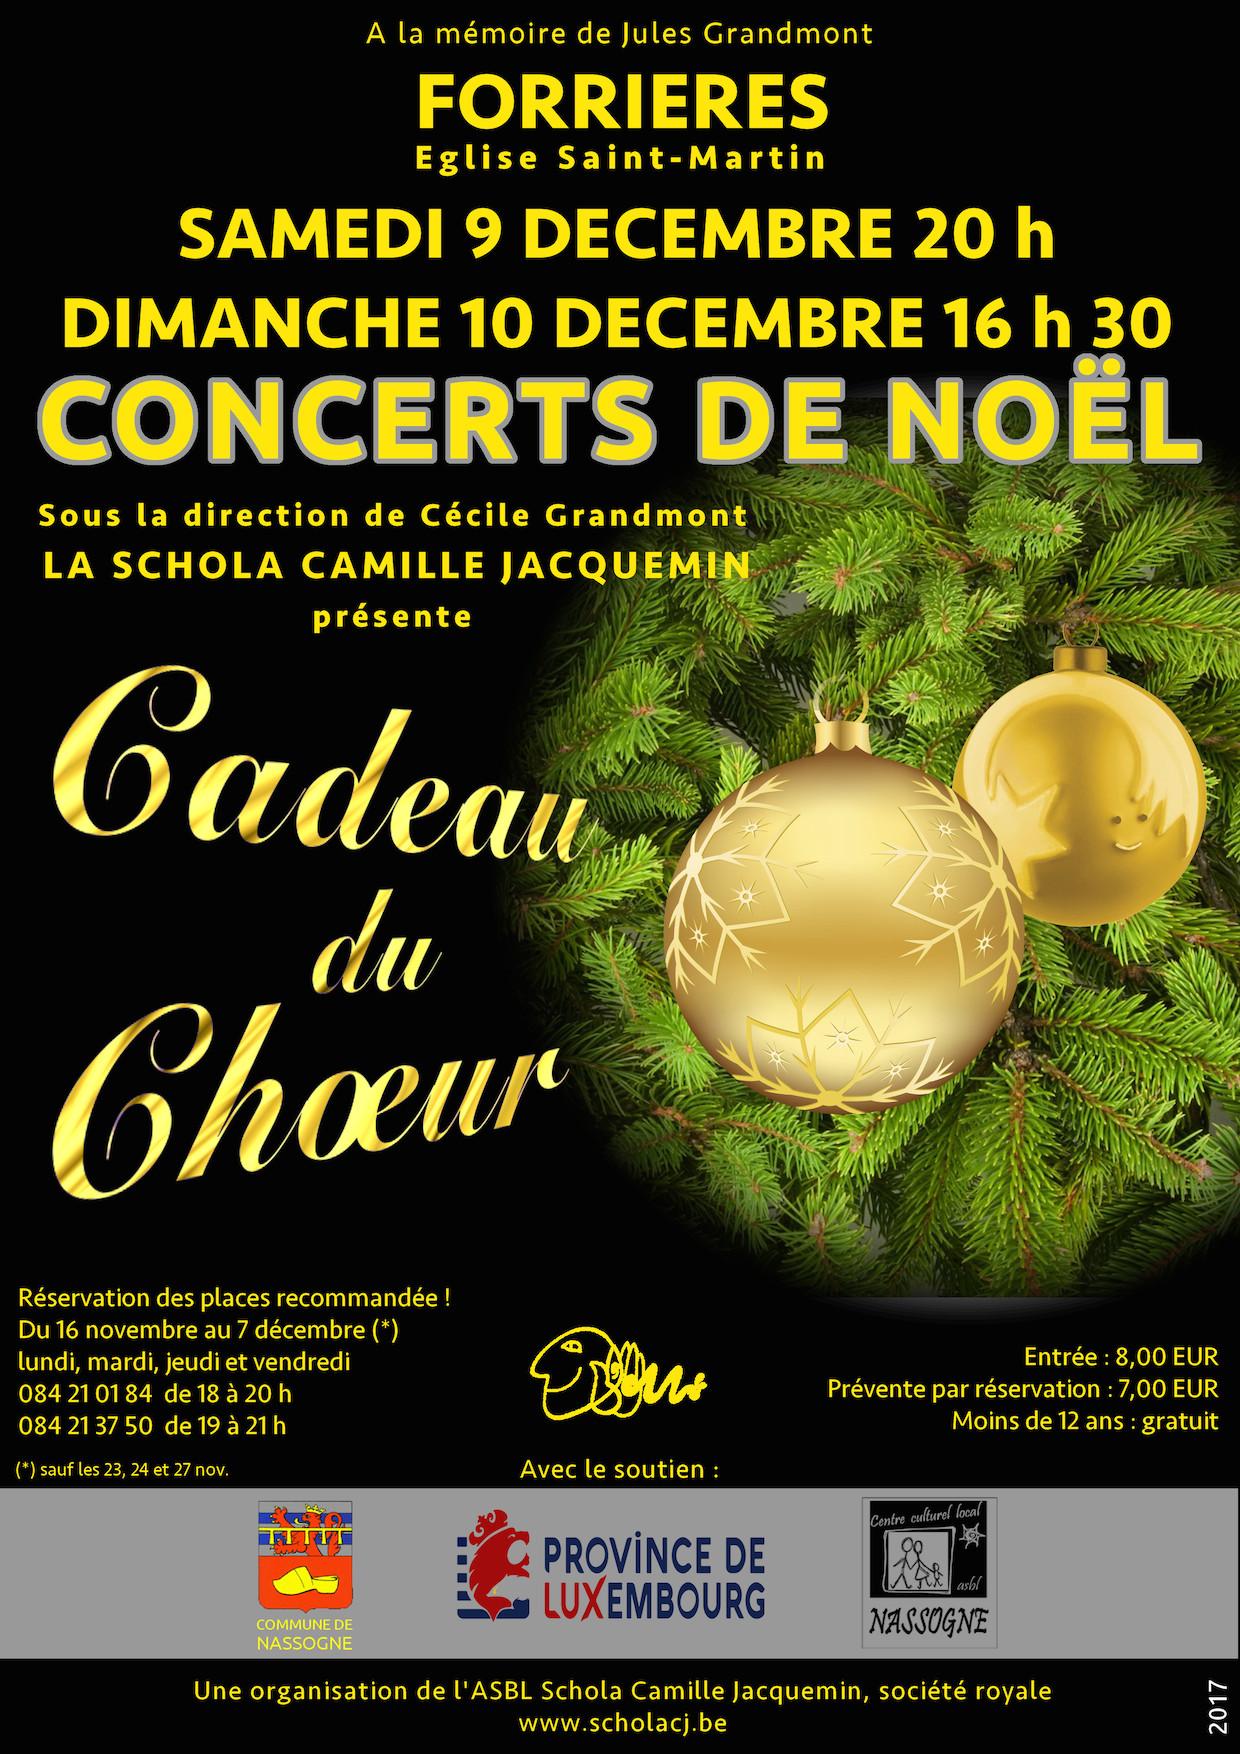 affiche du concert de Noël 2017 de la Schola Camille Jacquemin